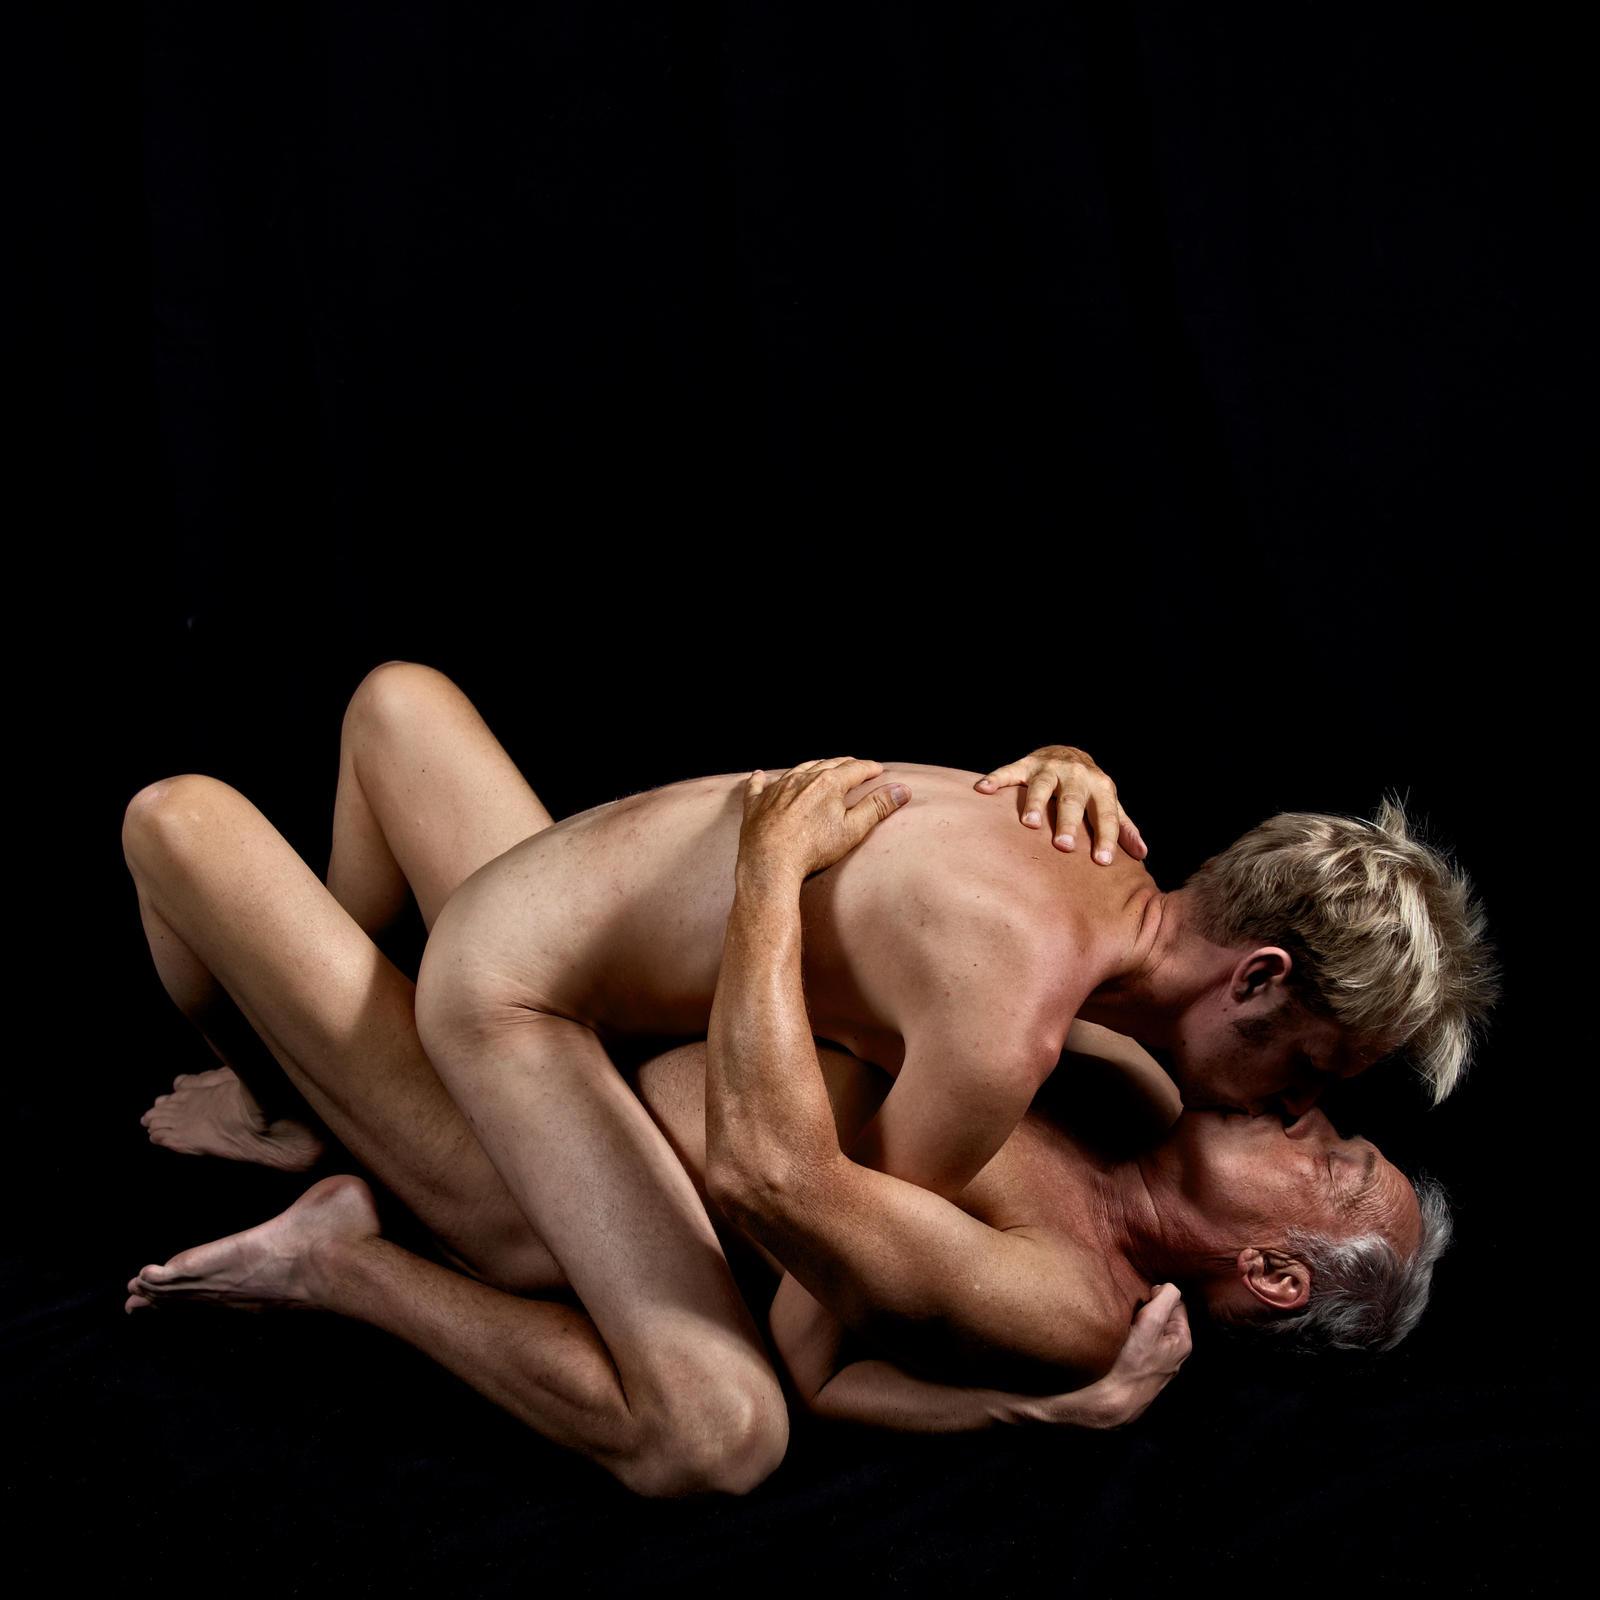 Tasteful Male Nudes 5